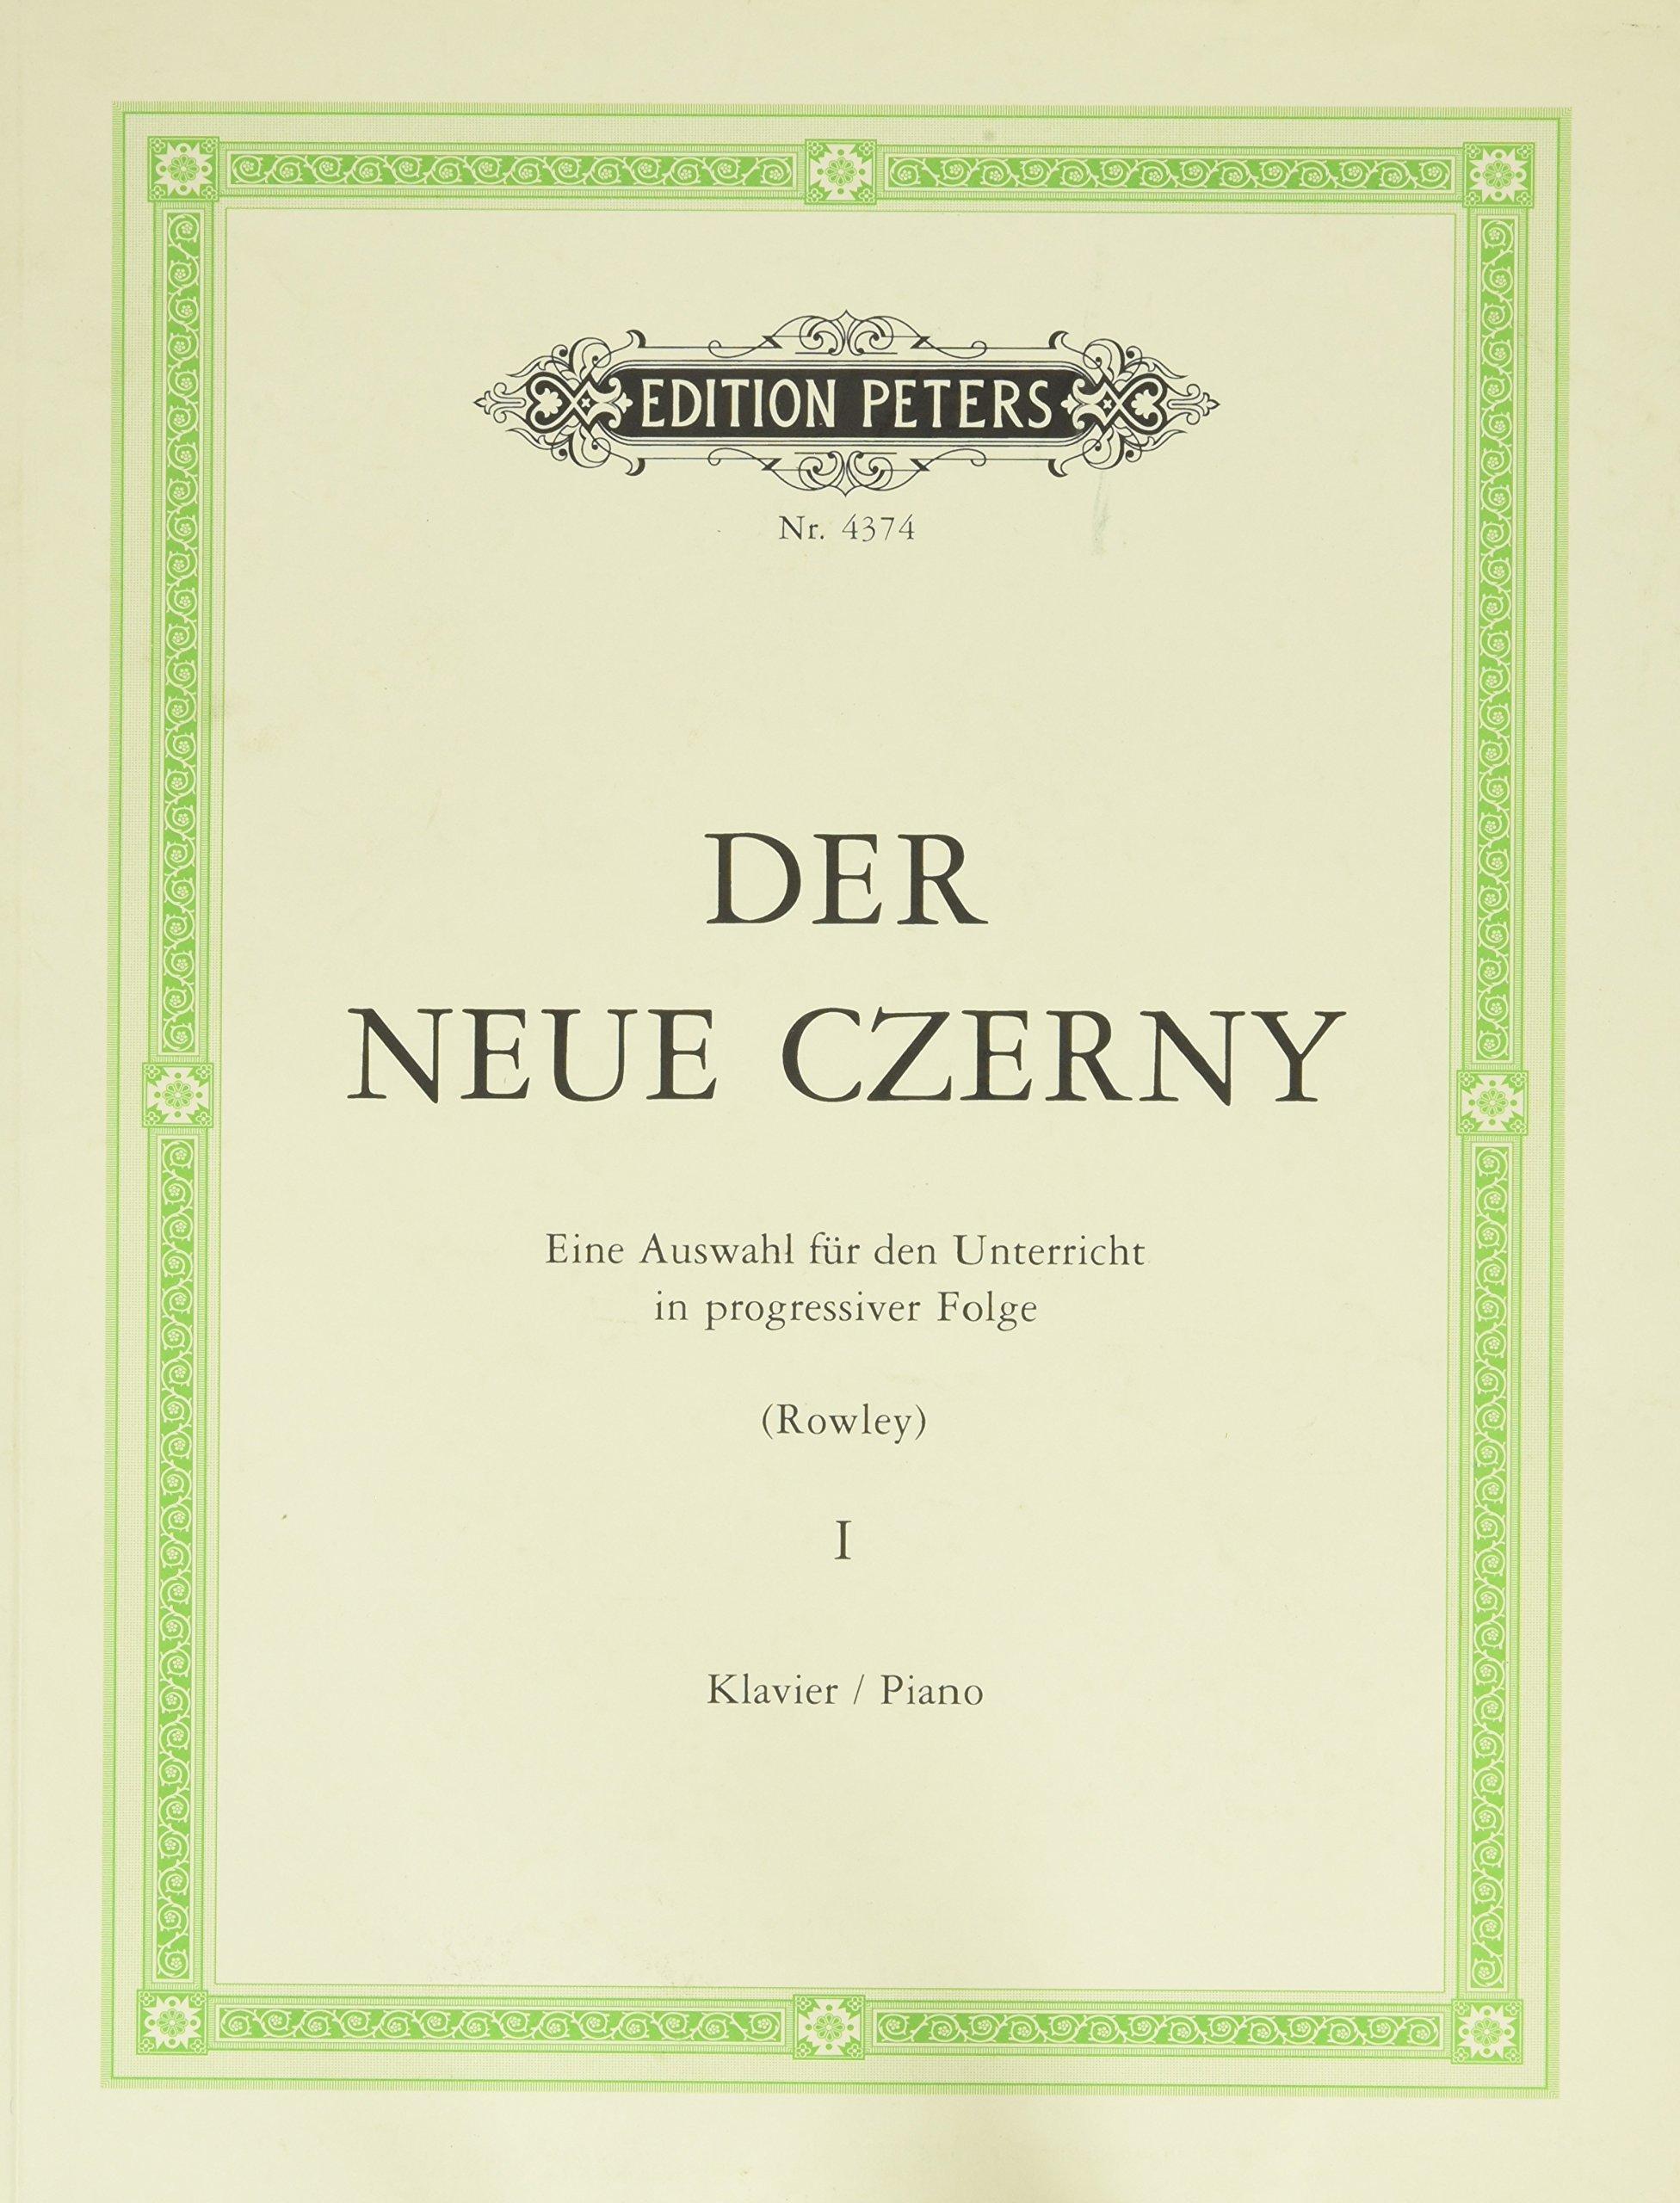 Der neue Czerny 1: Eine Auswahl für den Unterricht in progressiver Folge (Klavier)